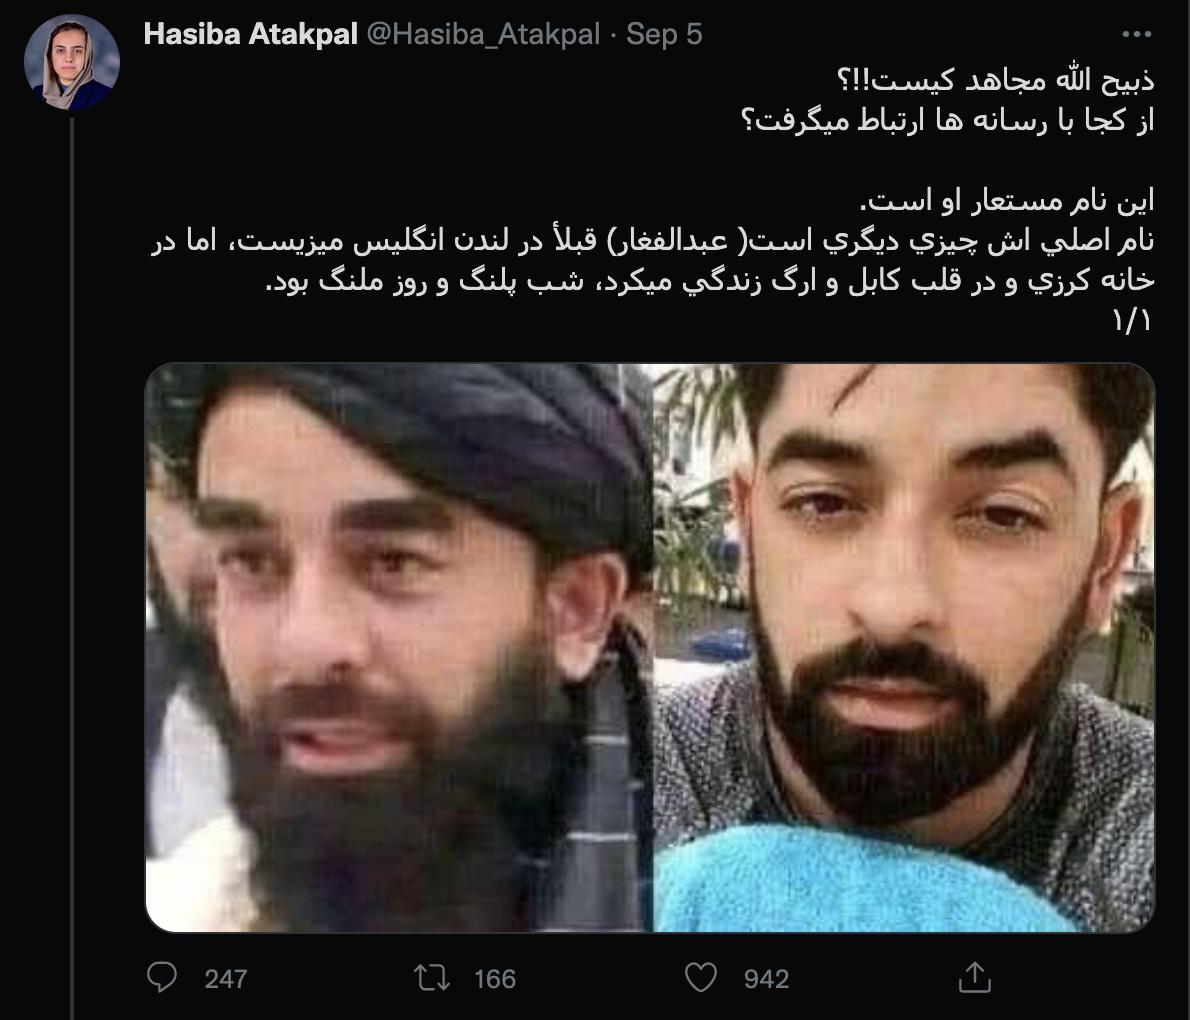 این عکس دستکاری شده نشان میدهد که ذبیح الله مجاهد (سمت چپ) سخنگوی طالبان زندگی دوگانهای دارد. اما مردی که در سمت راست تصویر درج شده در واقع امیر جات ستاره هندی TikTok است.